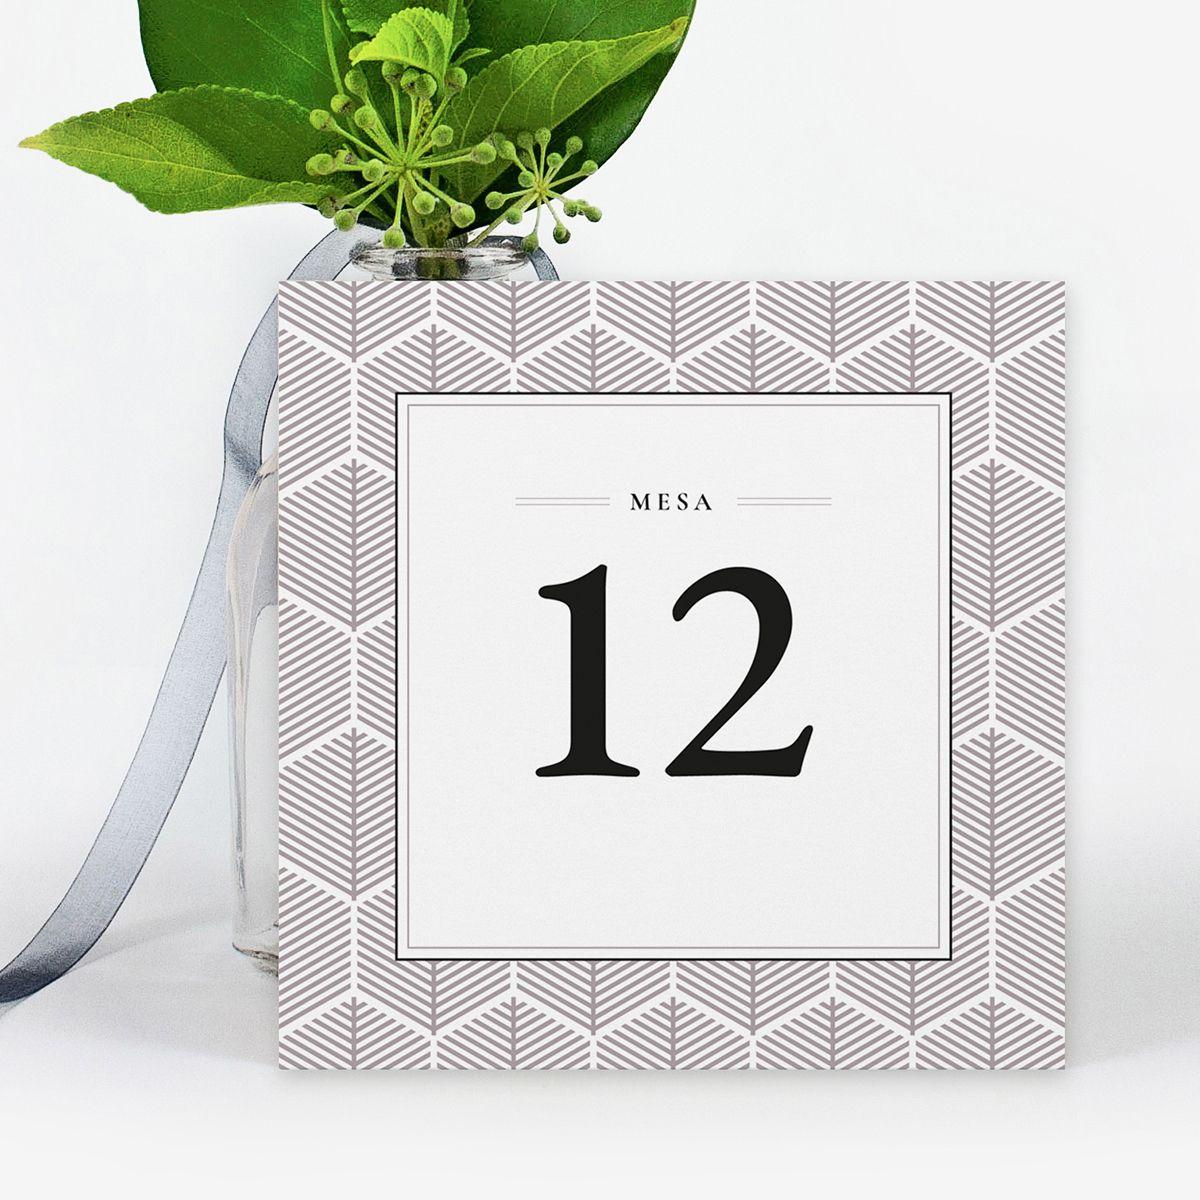 Número mesa boda Reins Morado